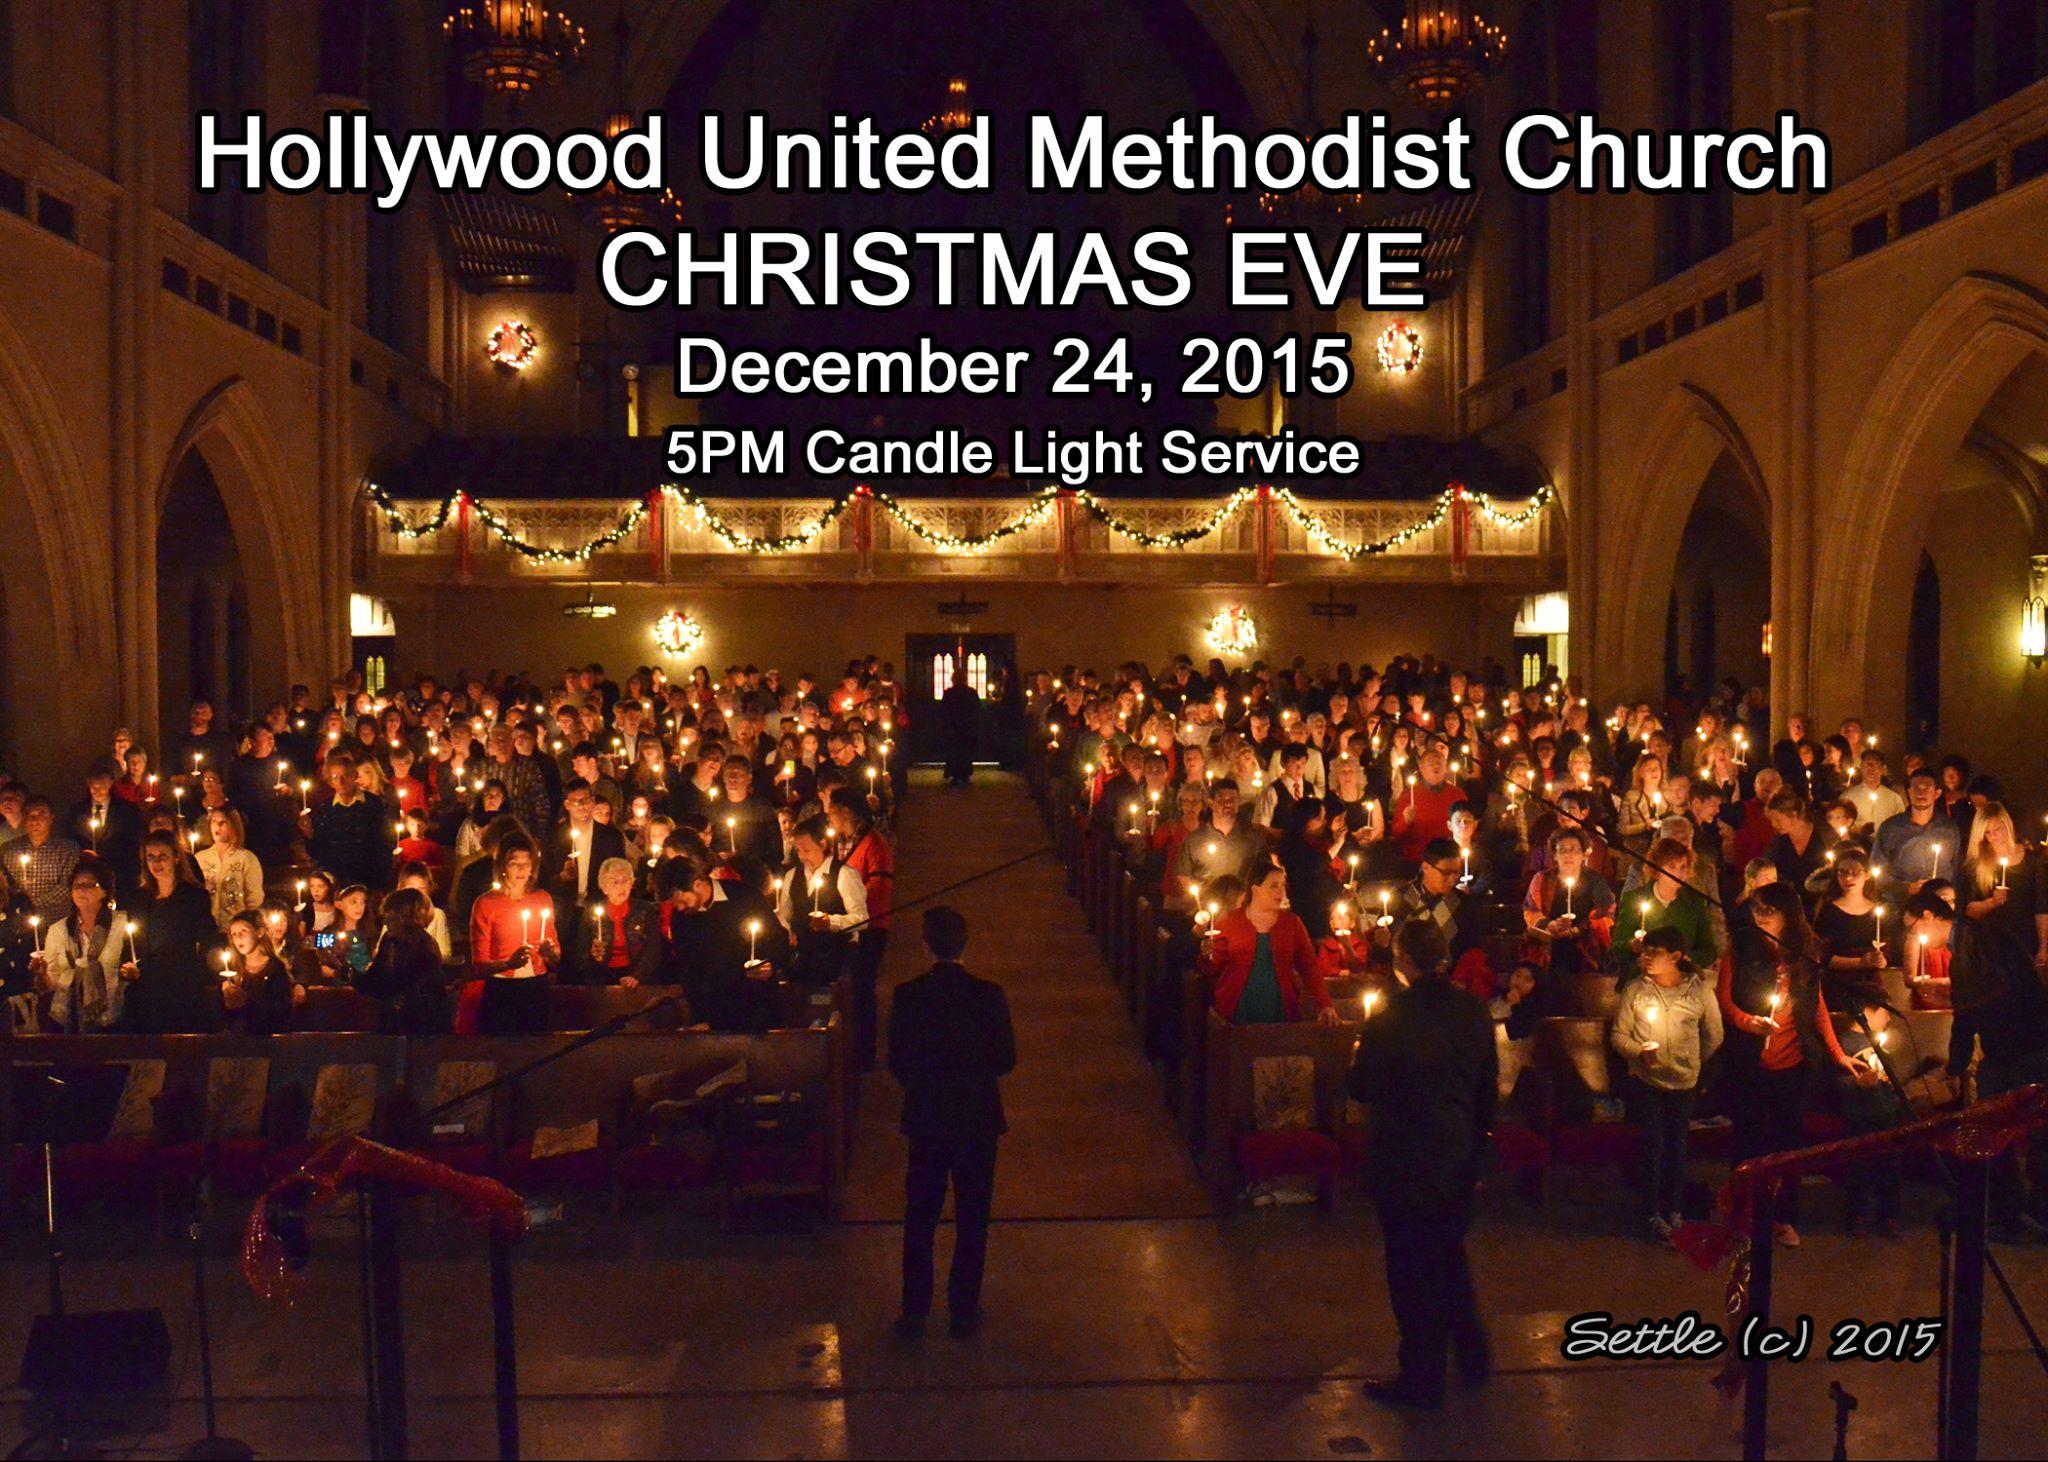 Christmas Eve 2015 - Hollywood